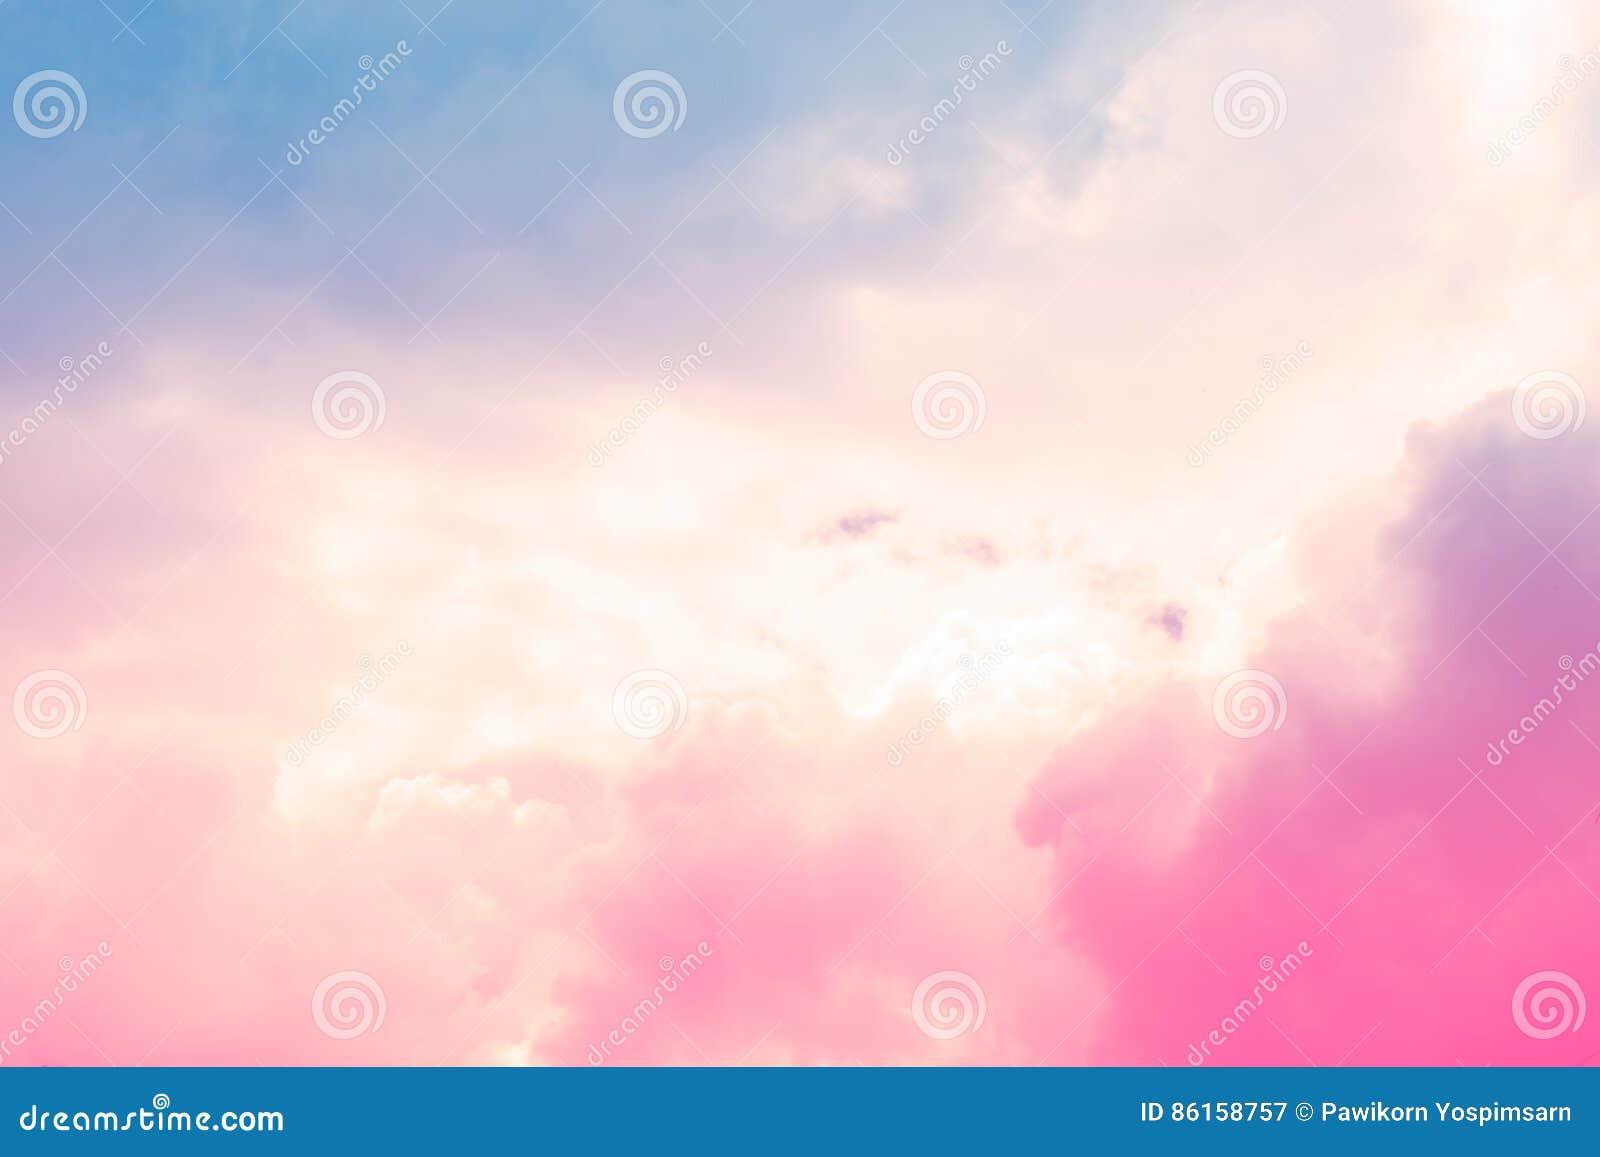 Fondo colorido en colores pastel de la nube del extracto suave del cielo